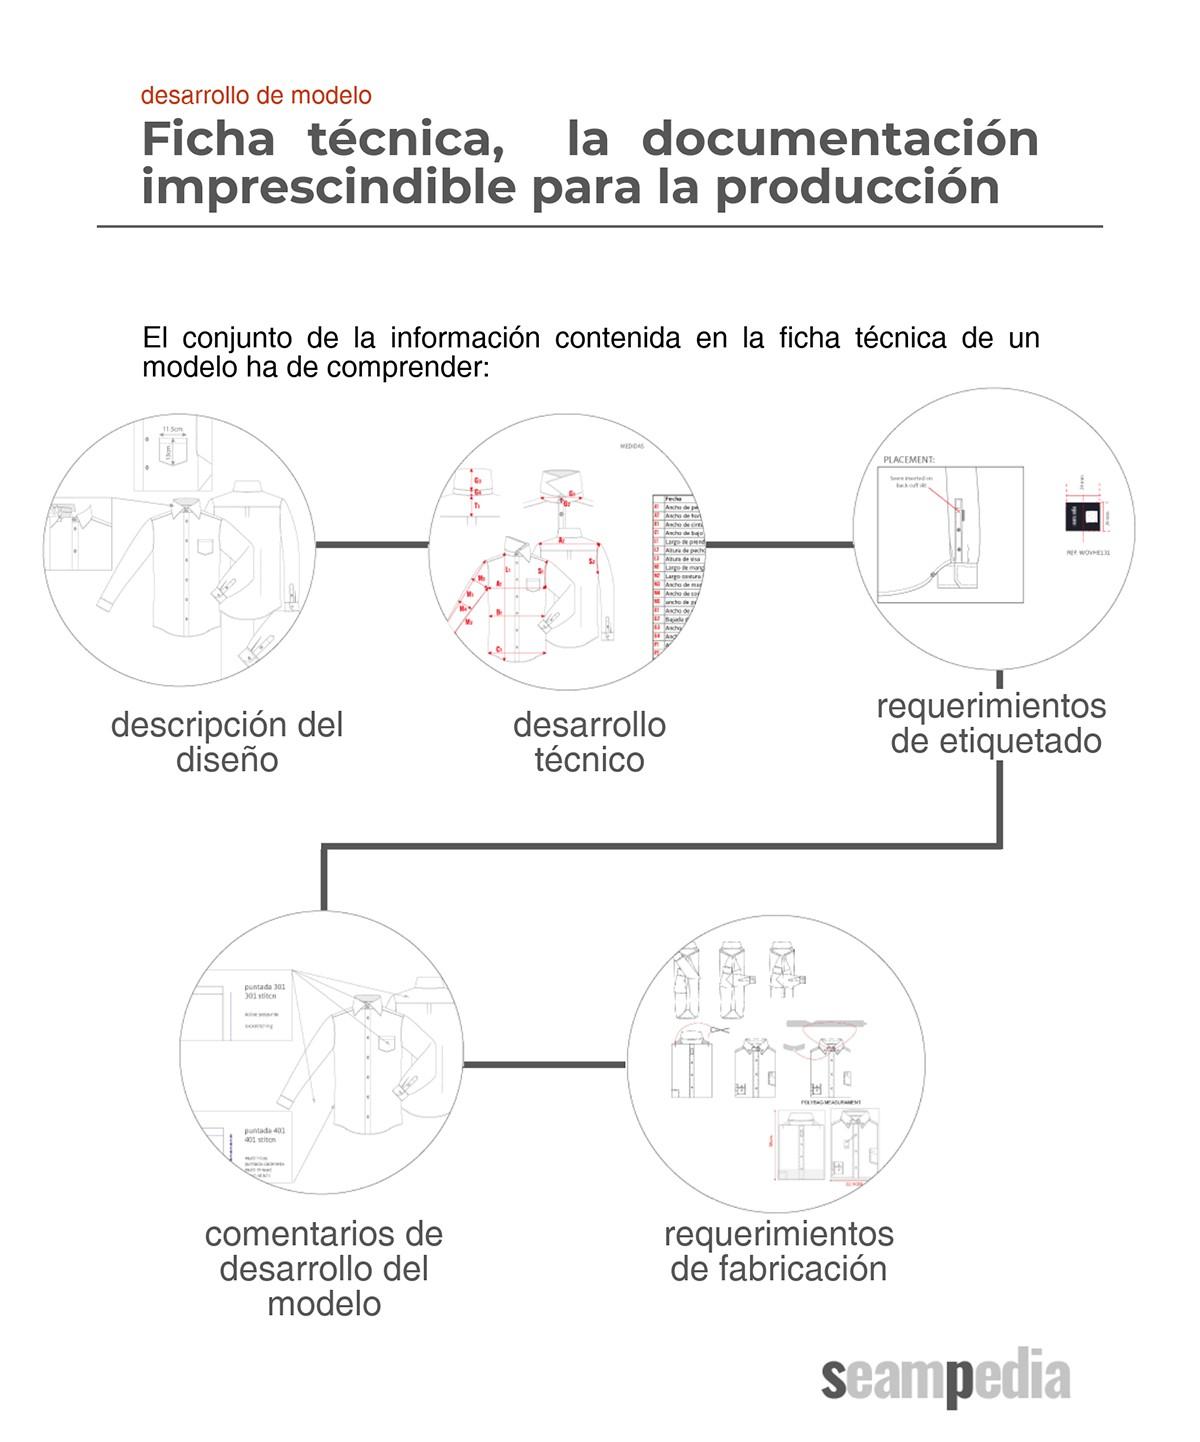 Ficha técnica para la producción de moda - seampedia